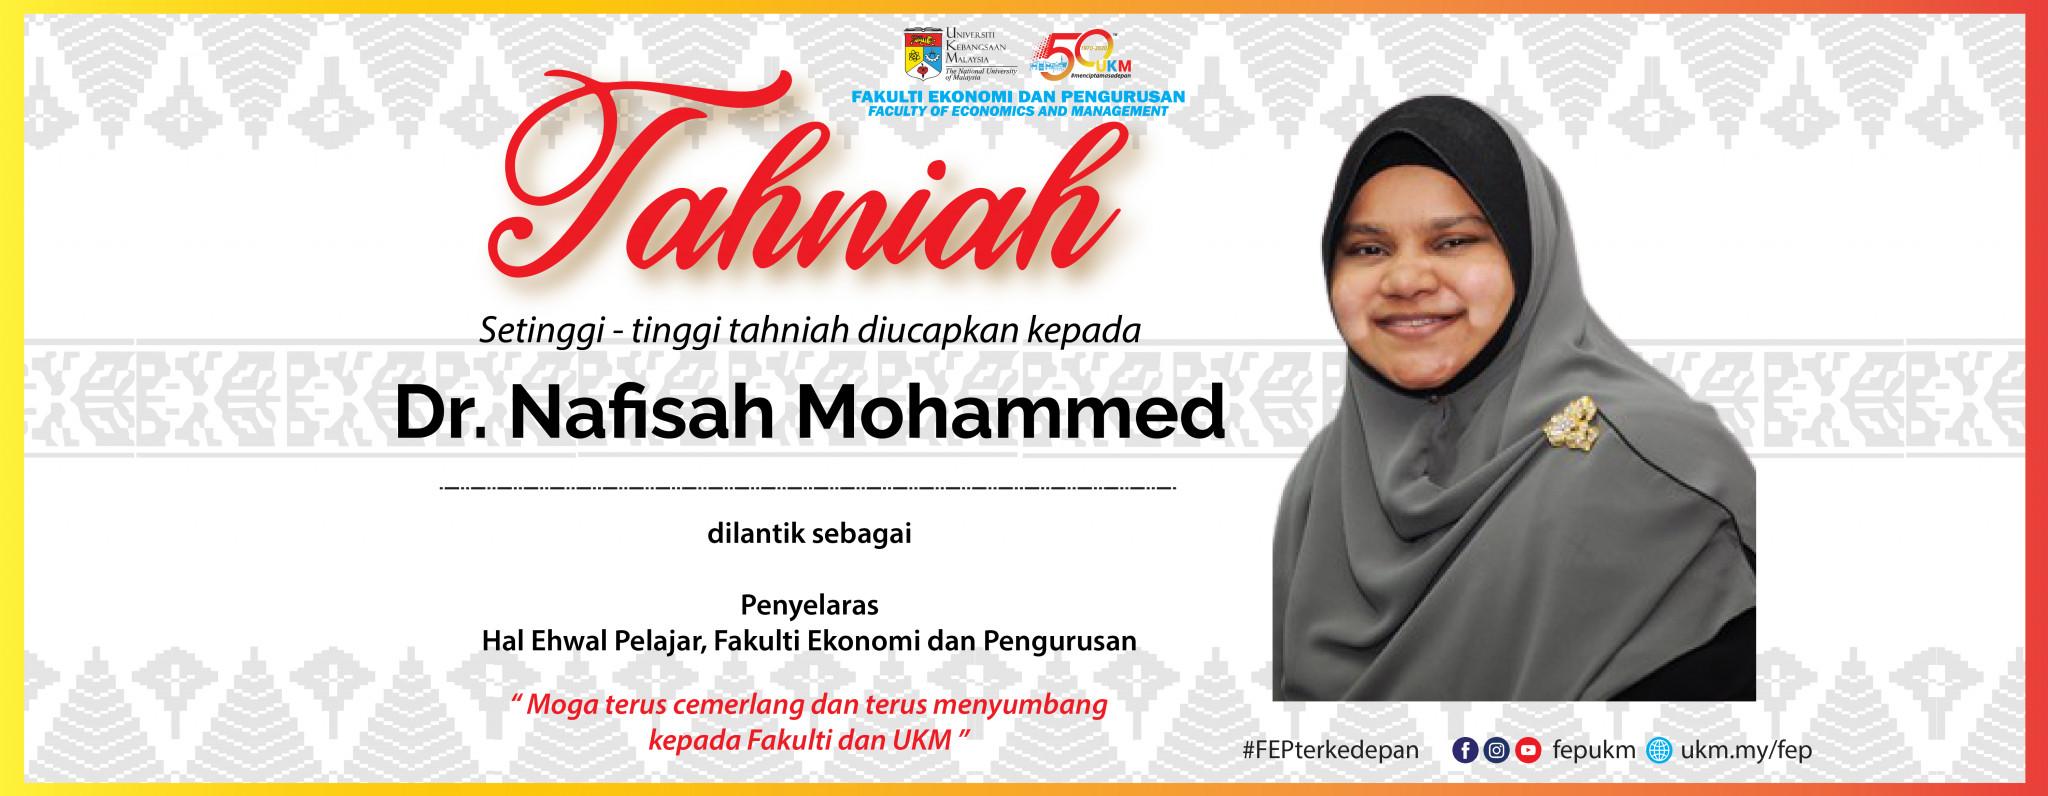 Tahniah Dr. Nafisah